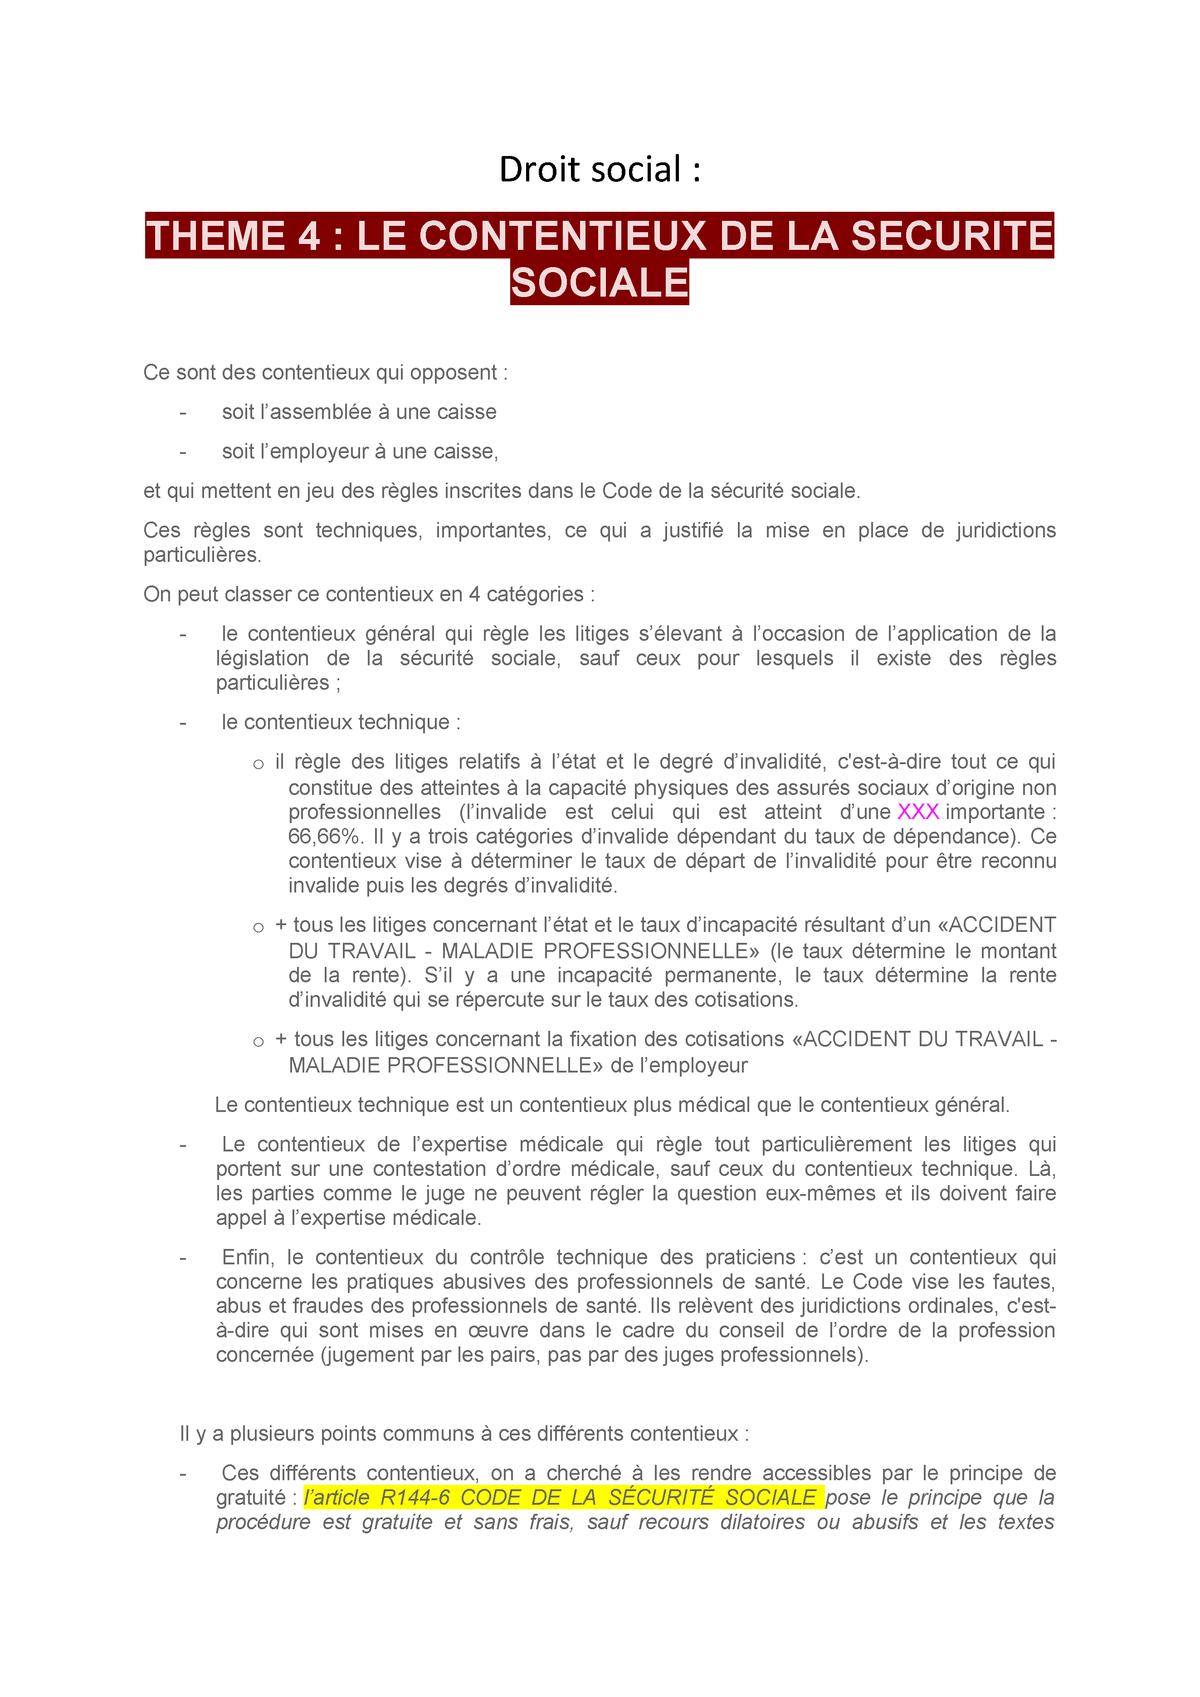 Droit Socia 4 Toulouse Jean Jaures Studocu